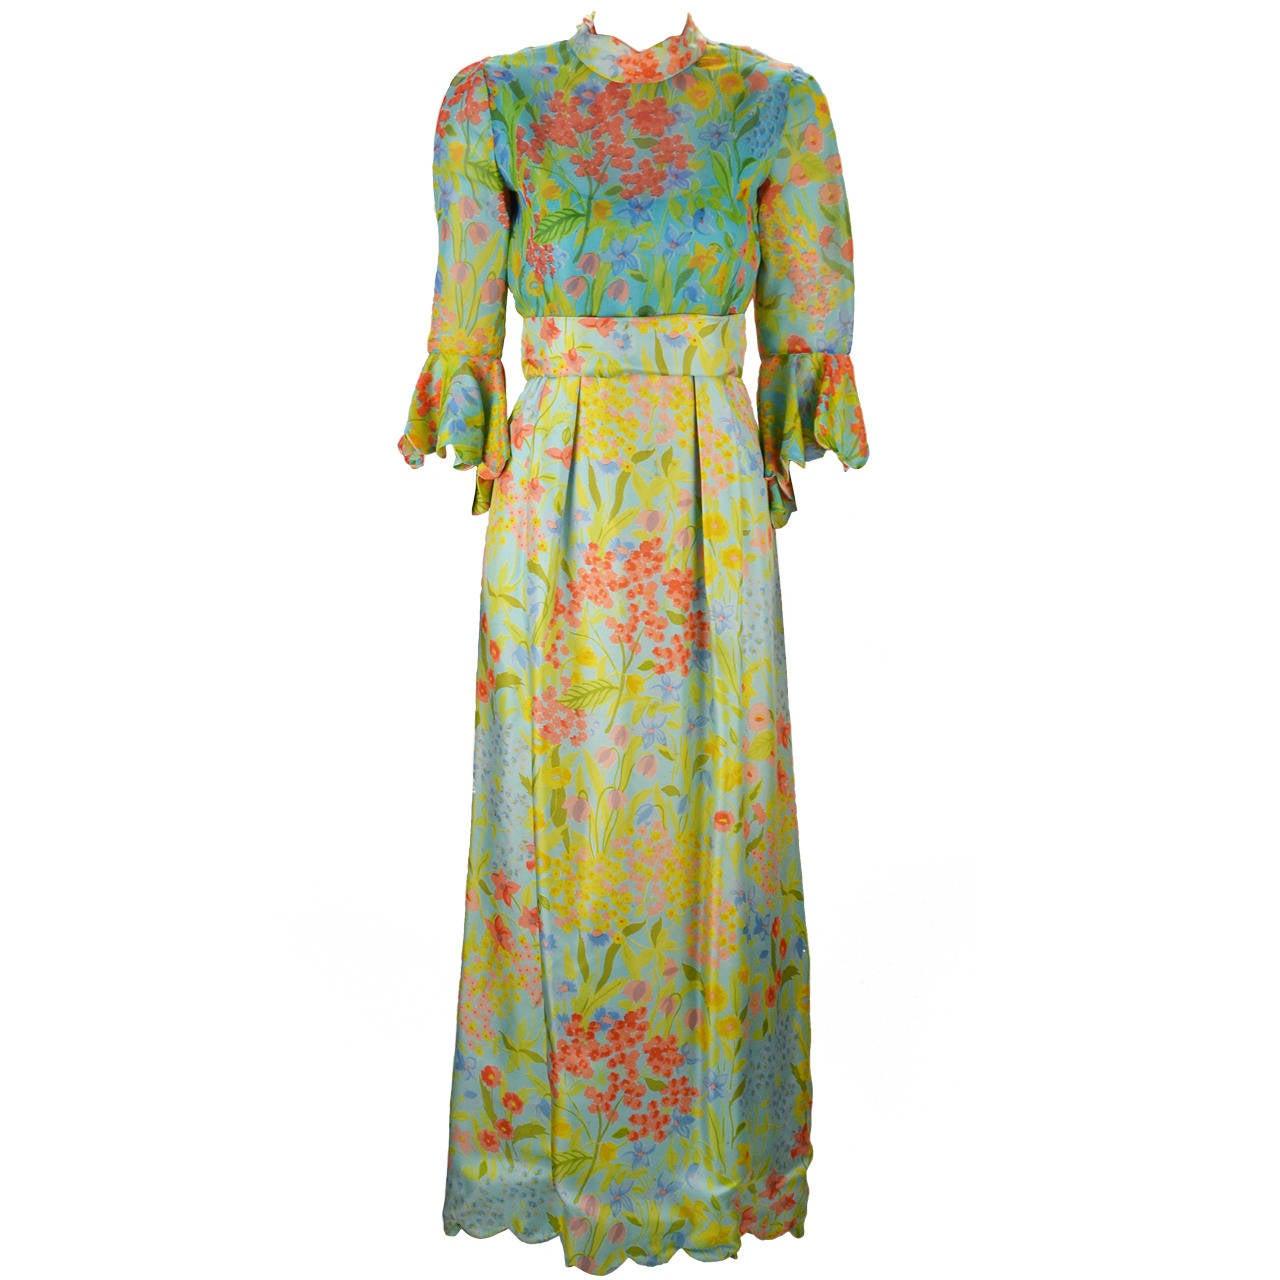 1960s Tina Leser Original Floral Print Dress